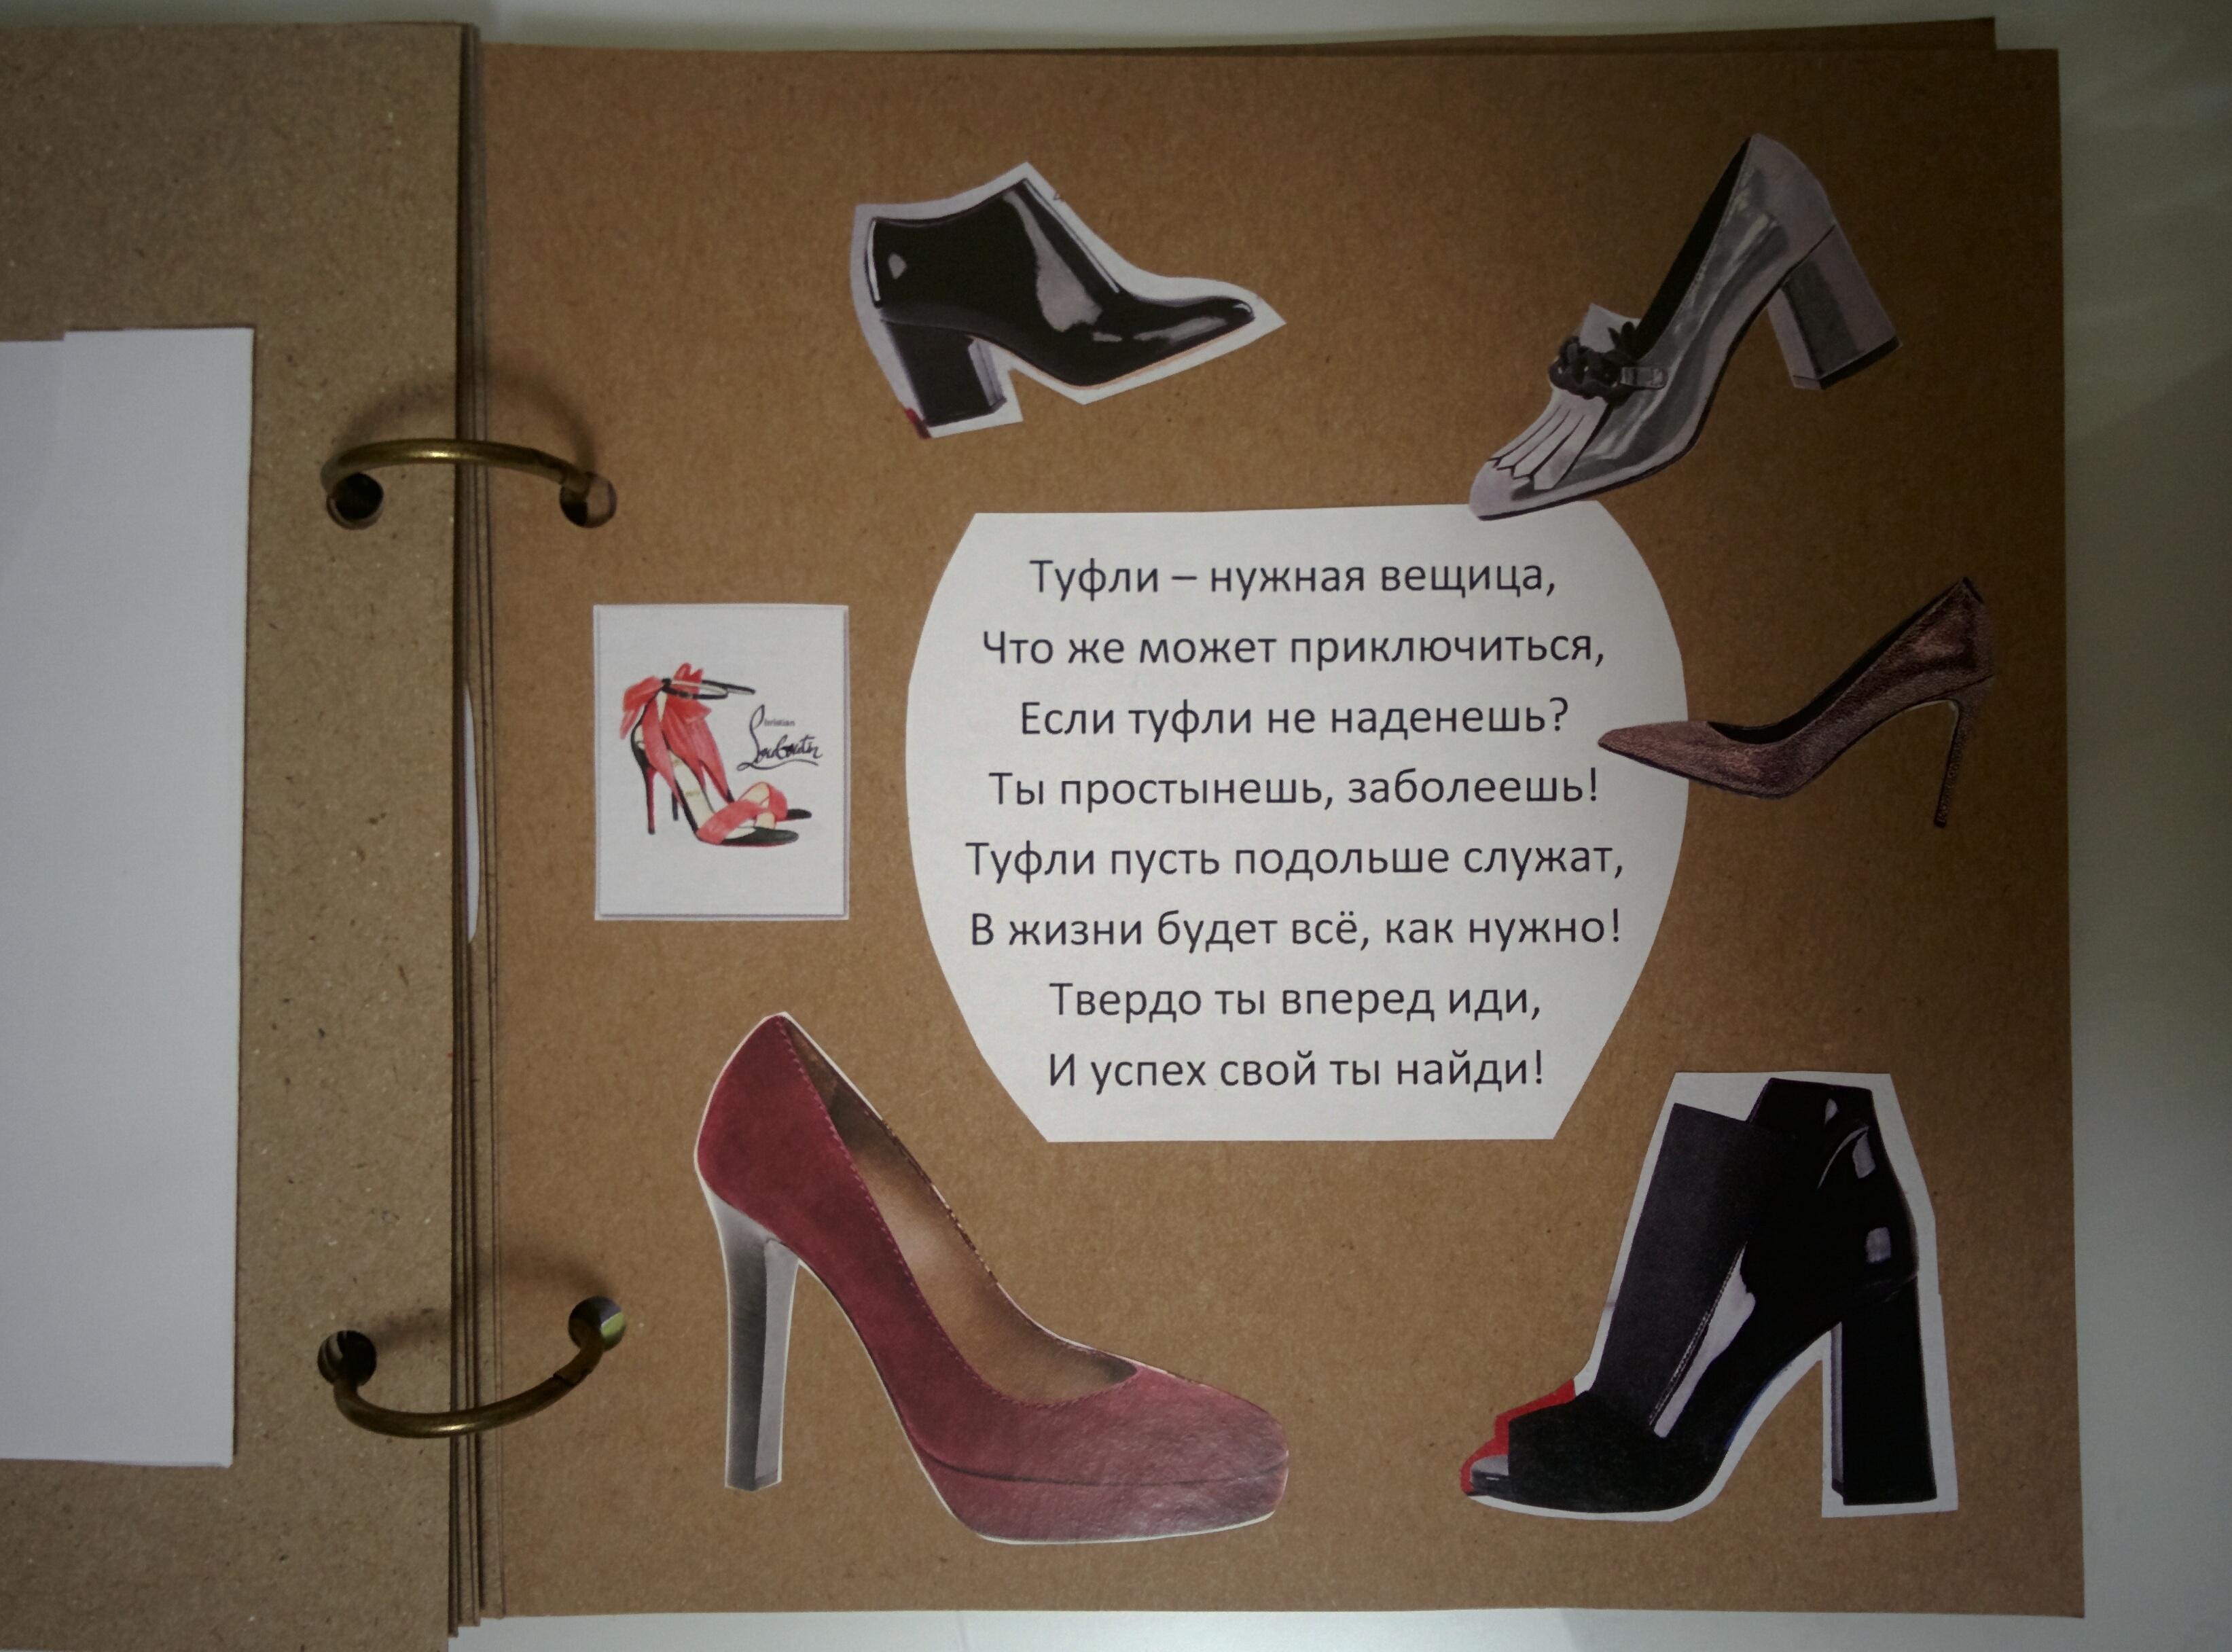 Поздравление к подарку обувь